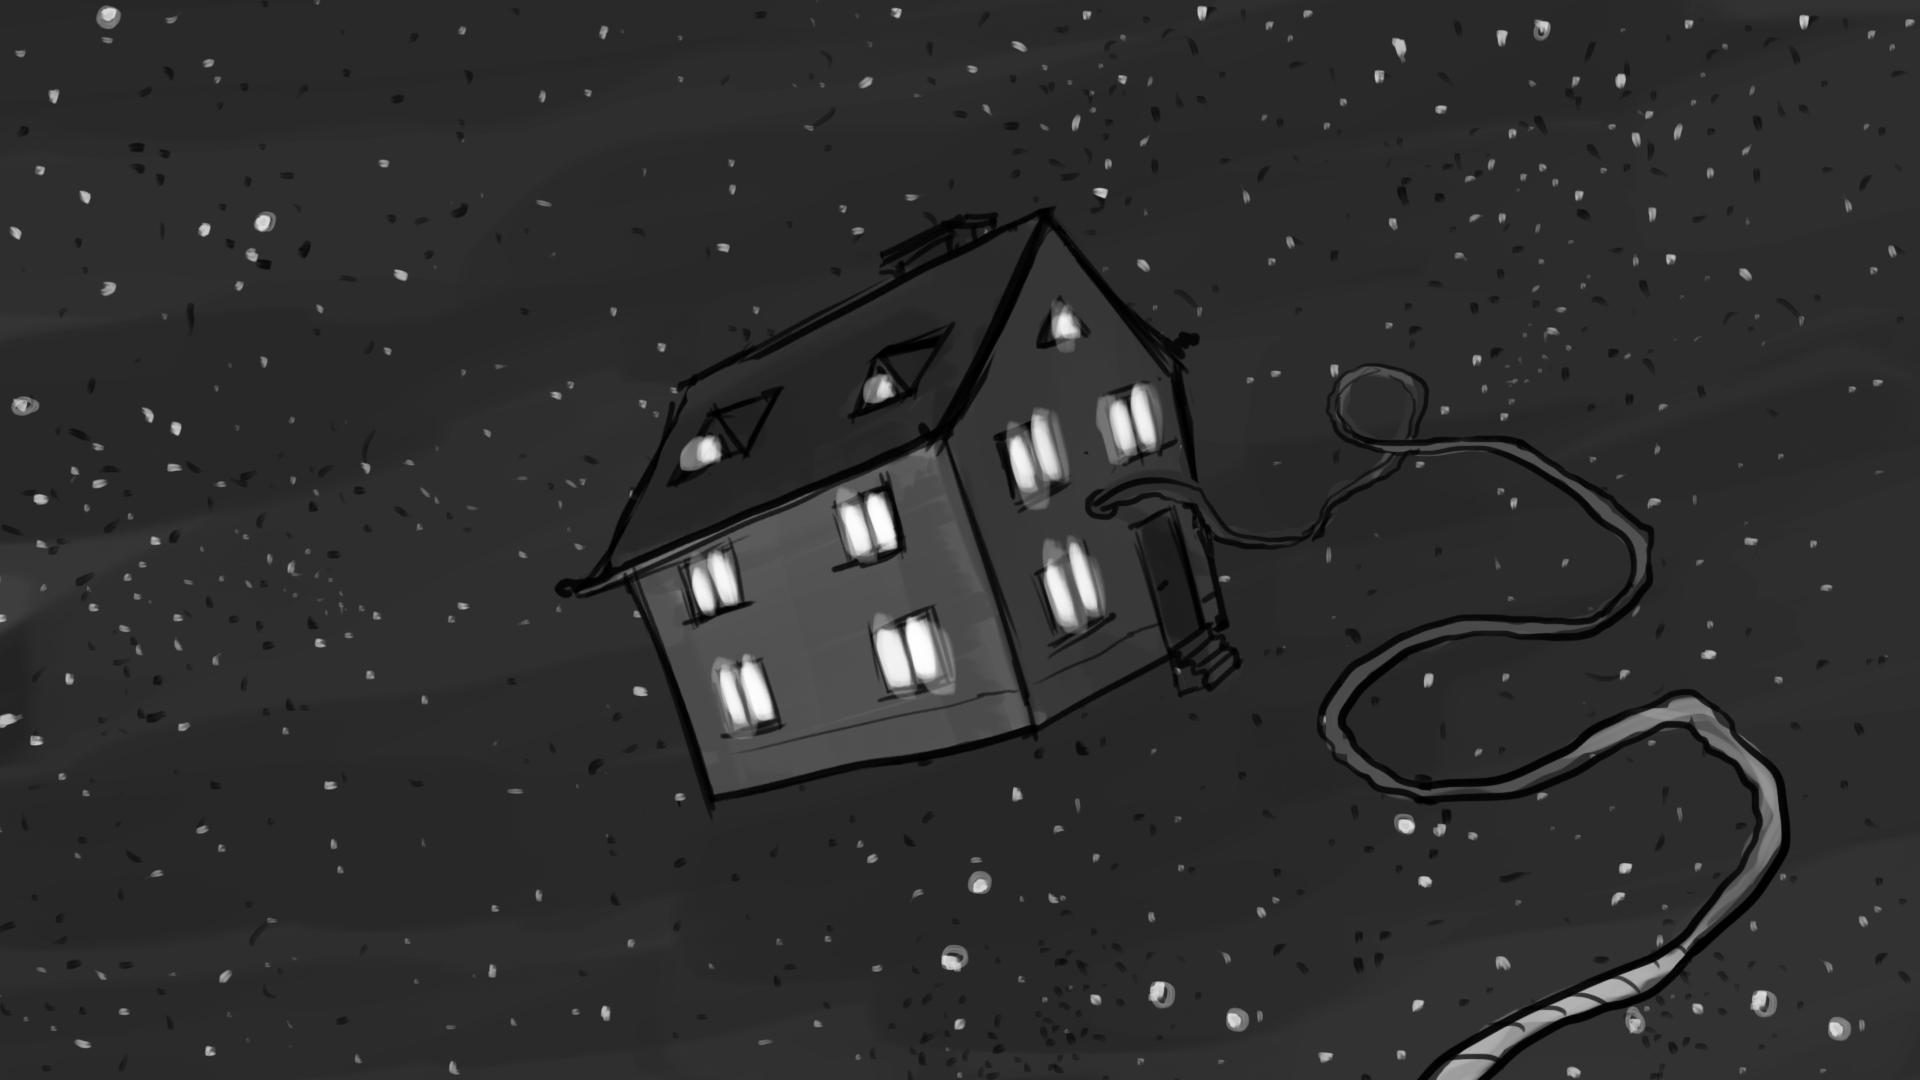 Rocket_Man_Storyboard_Artboard 41.jpg